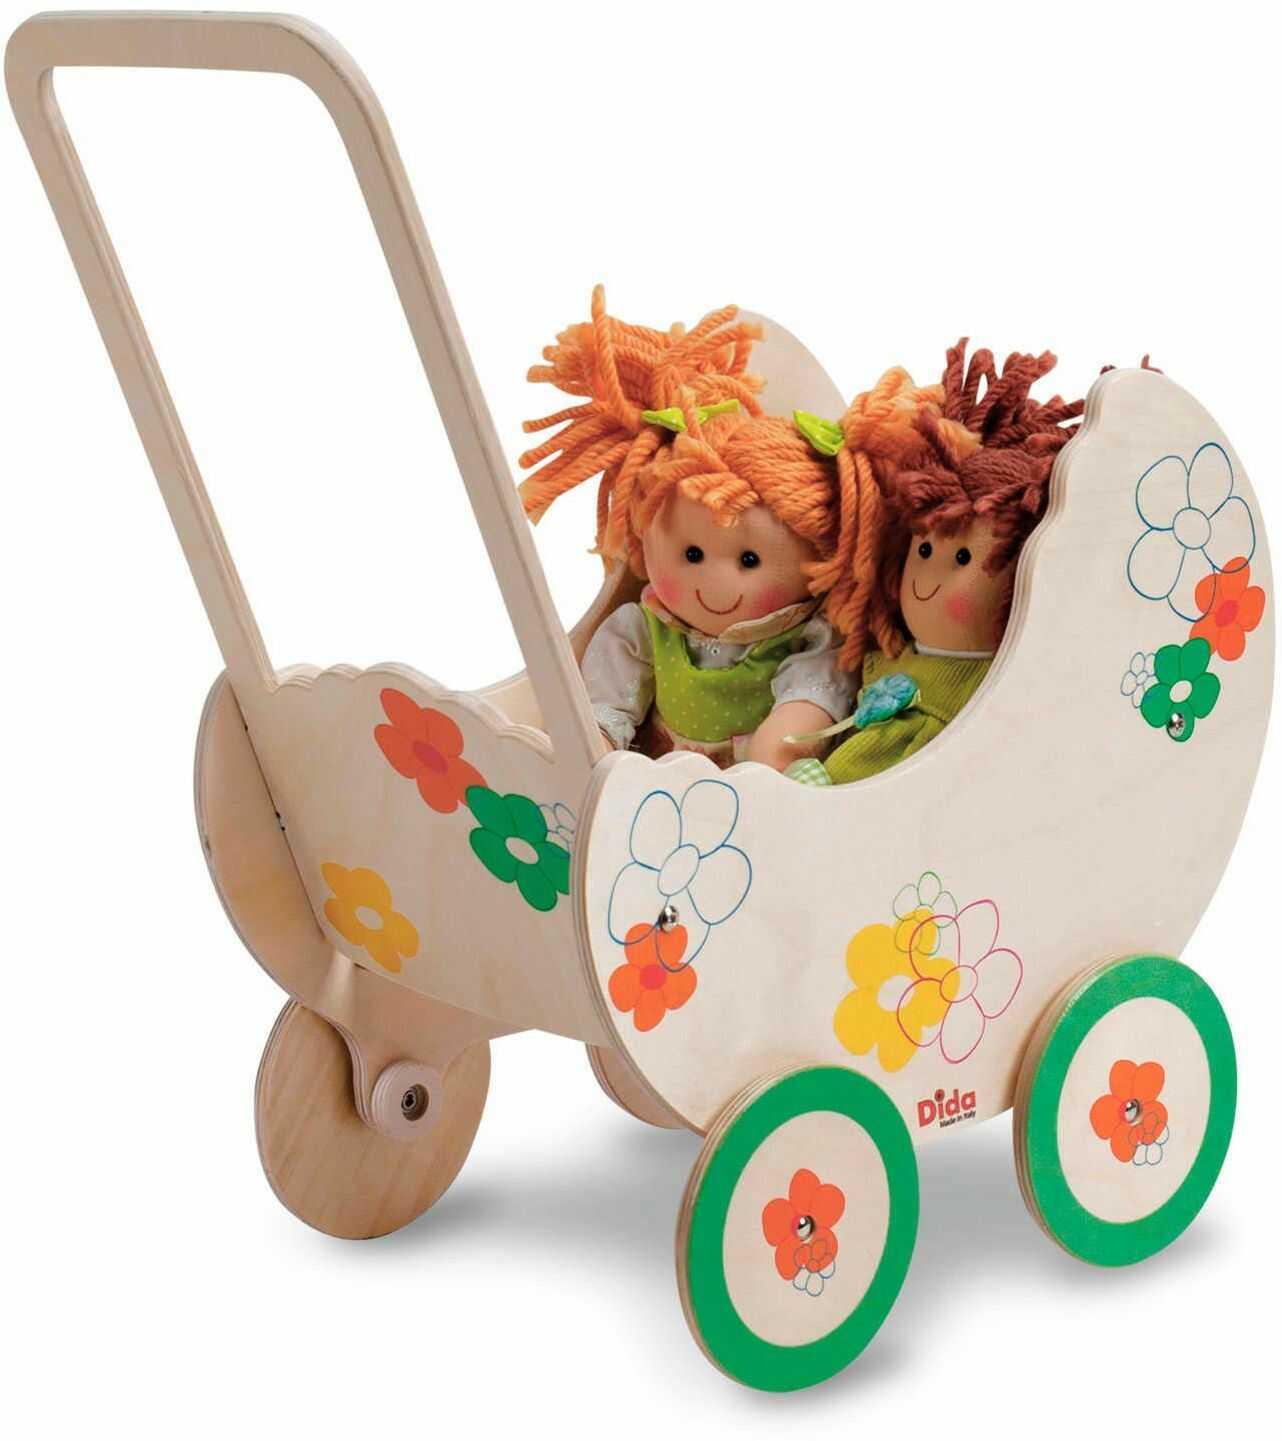 Dida GP19F pedagogiczny wózek dla lalek, wózek dziecięcy Fiore, mały